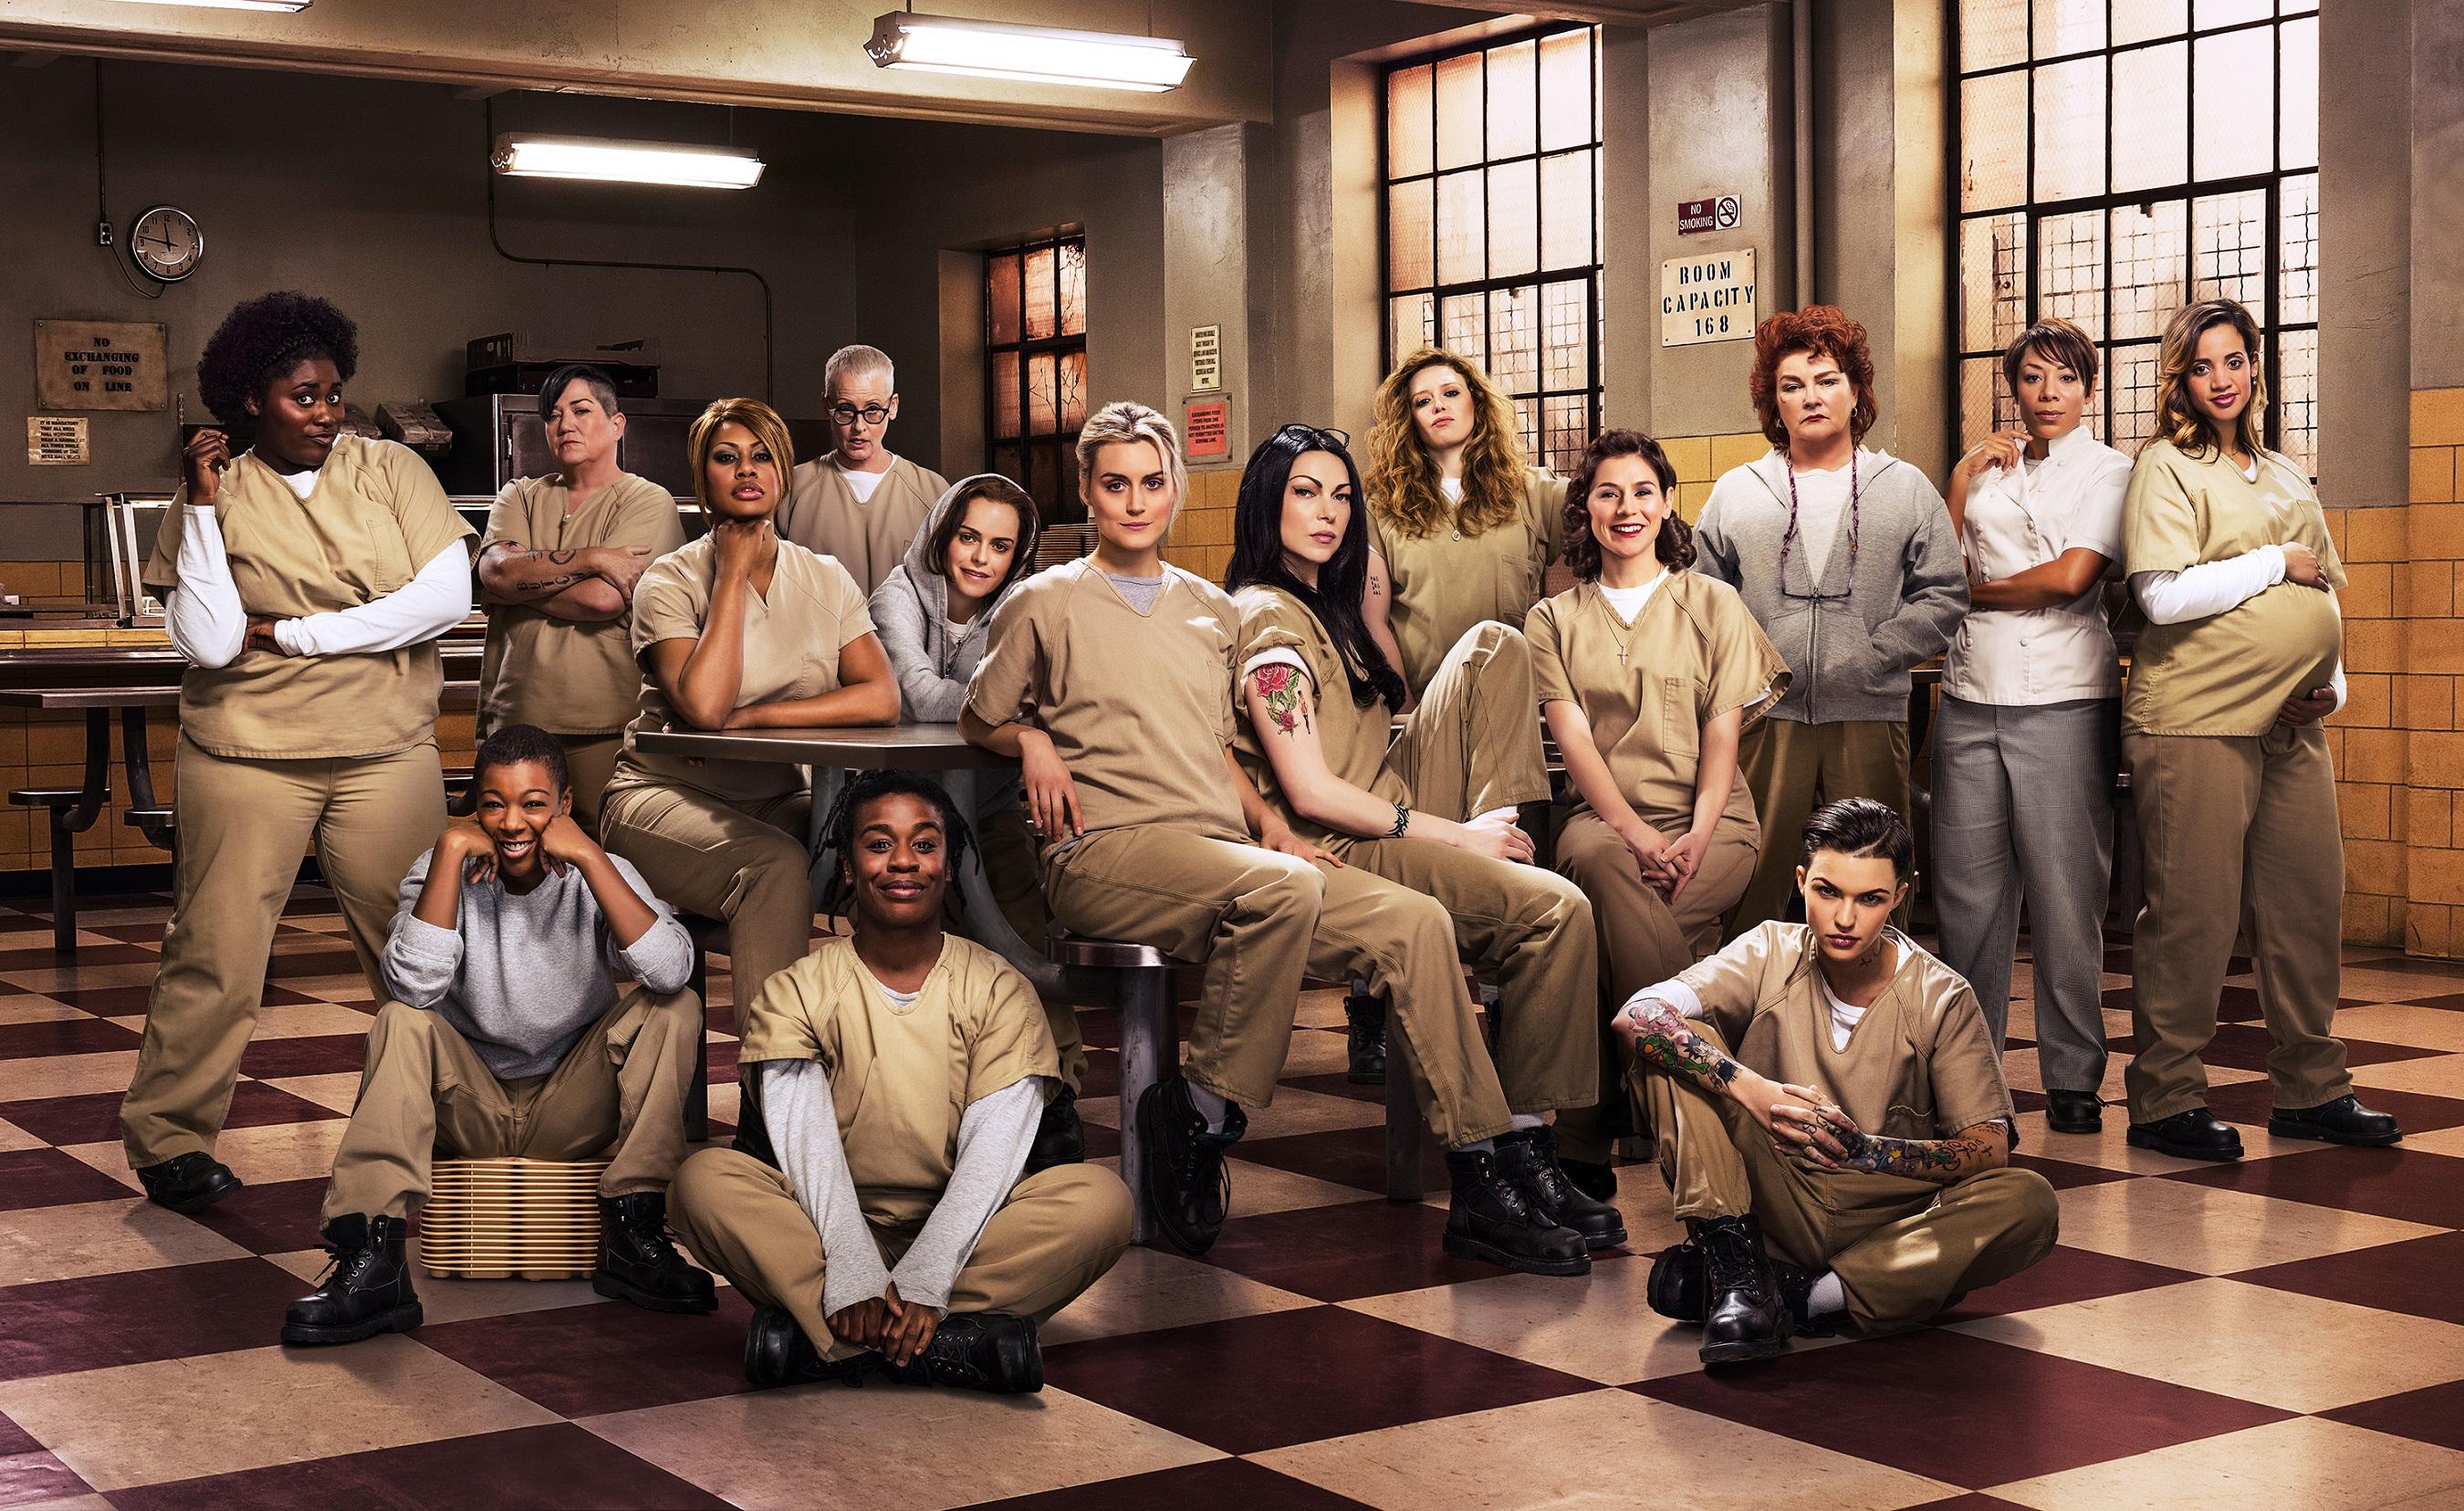 Vankilan ovet aukeavat jälleen: Orange Is the New Black 3. kausi alkaa!